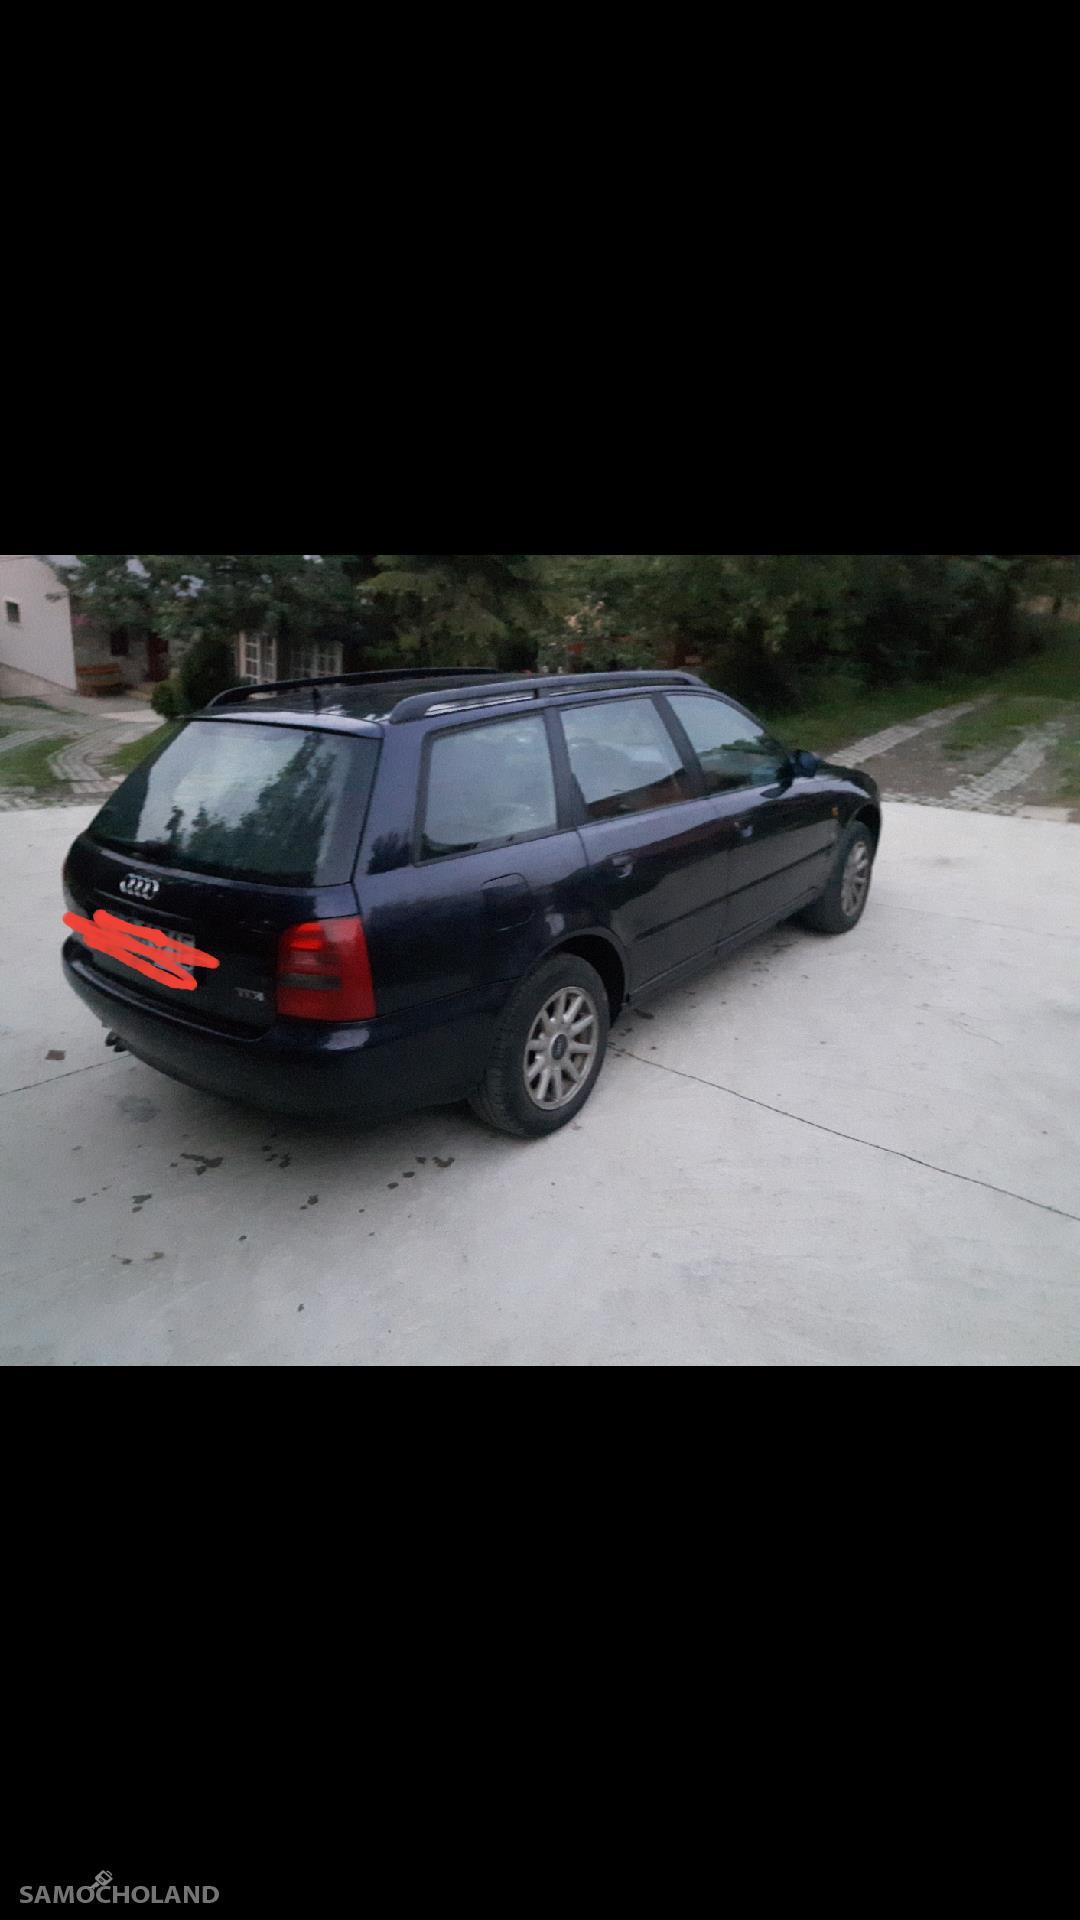 Audi A4 B5 (1995-2001)  29